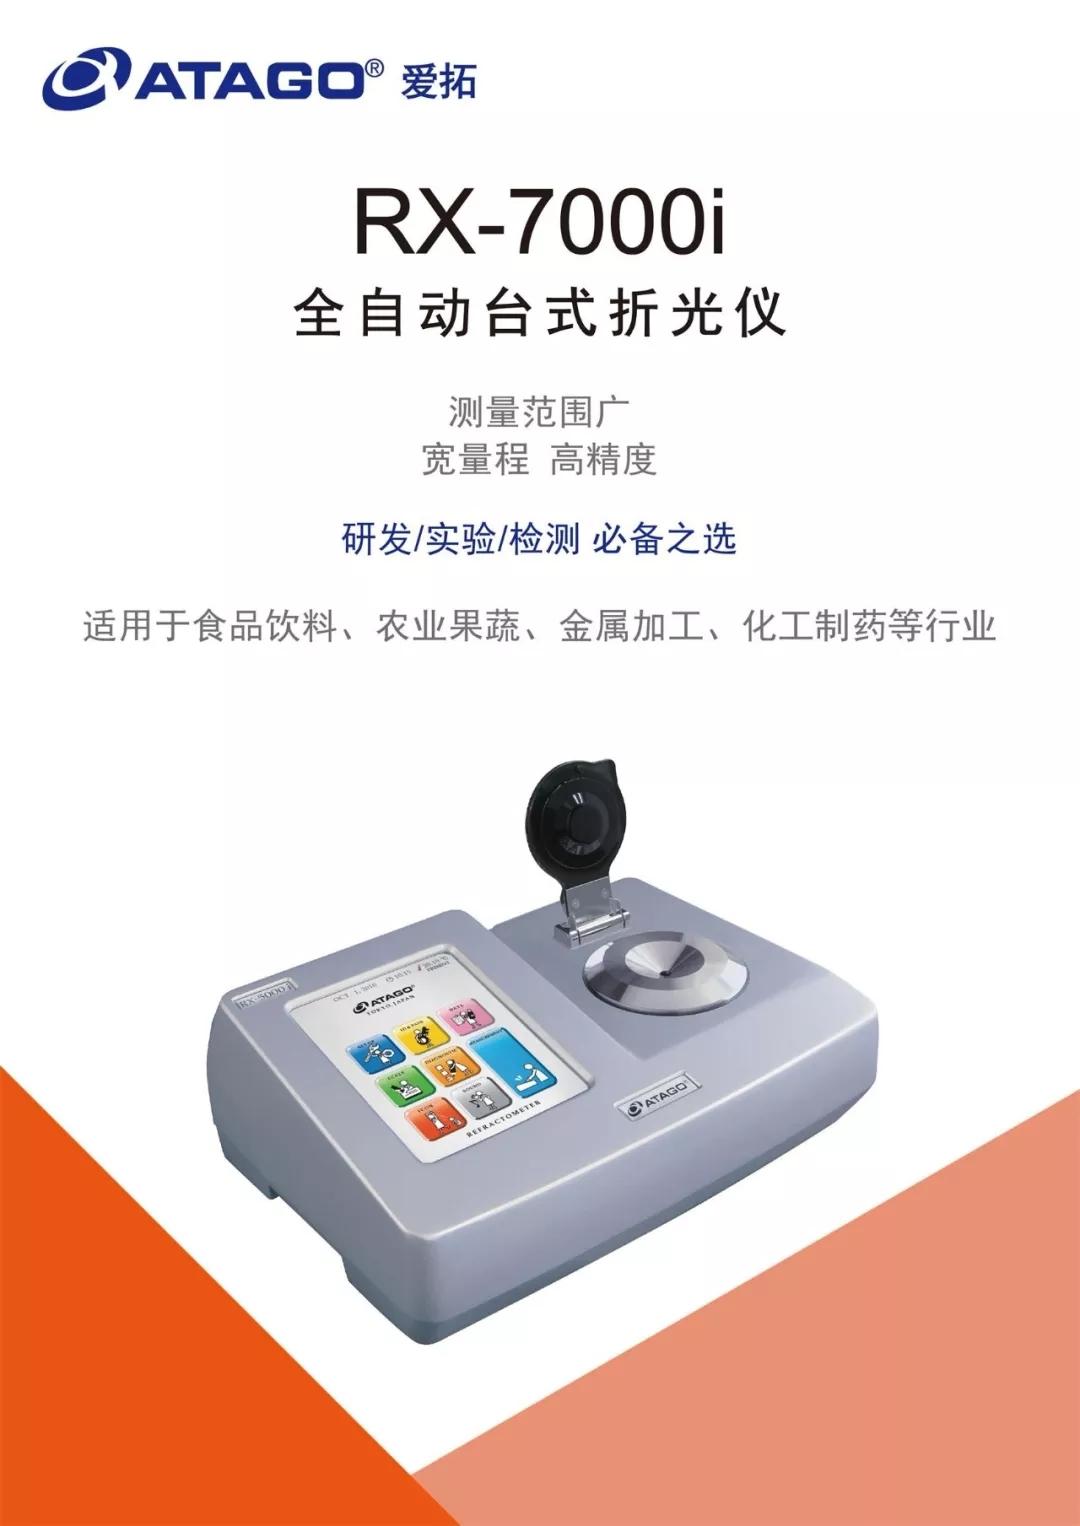 ATAGO(爱拓) 全自动台式折光仪 rx-7000i.webp.jpg